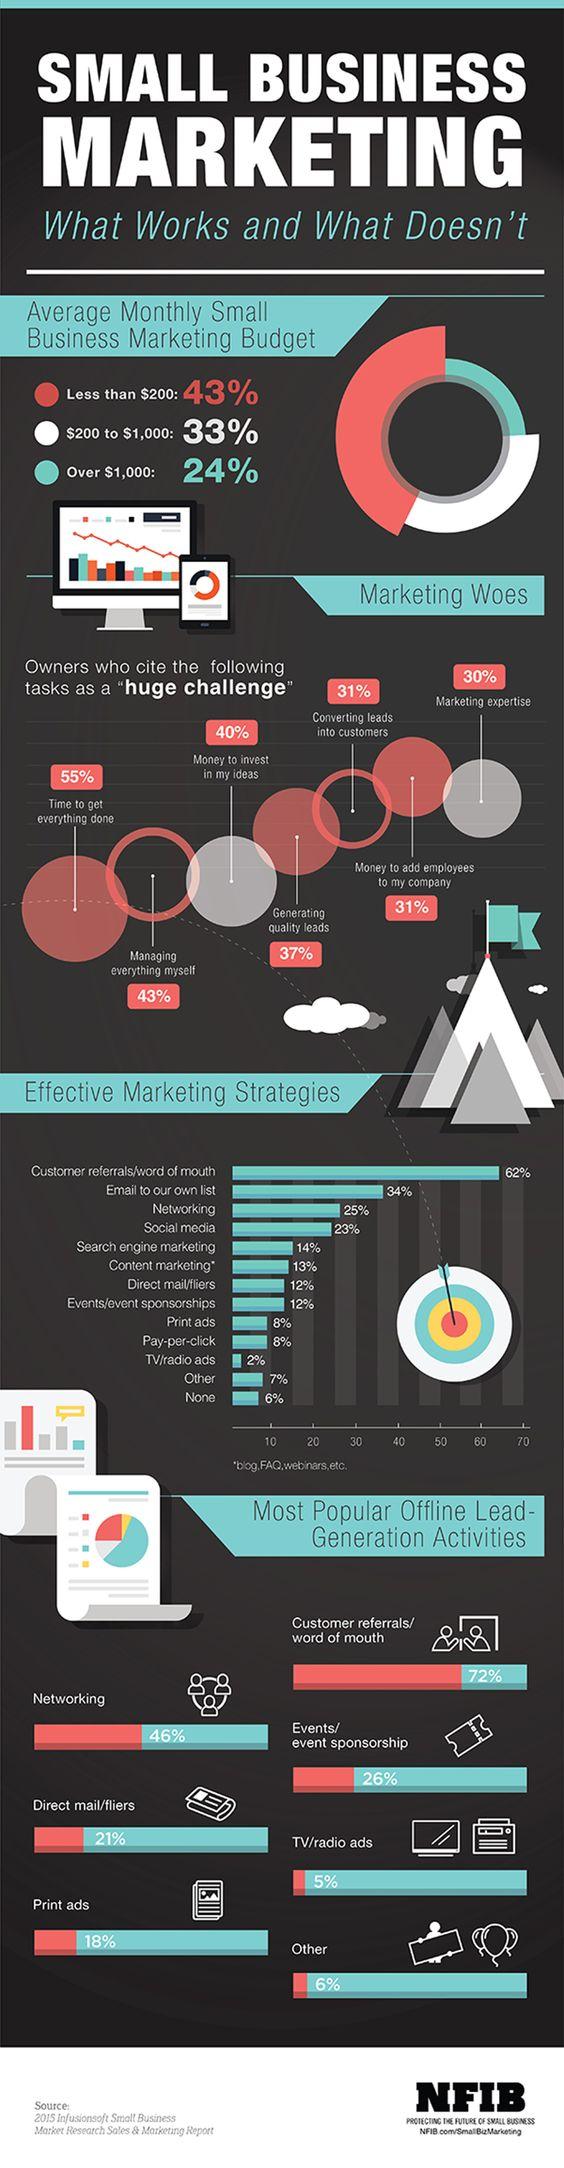 Infographic: Small business marketing | NFIB RefugeMarketing.com